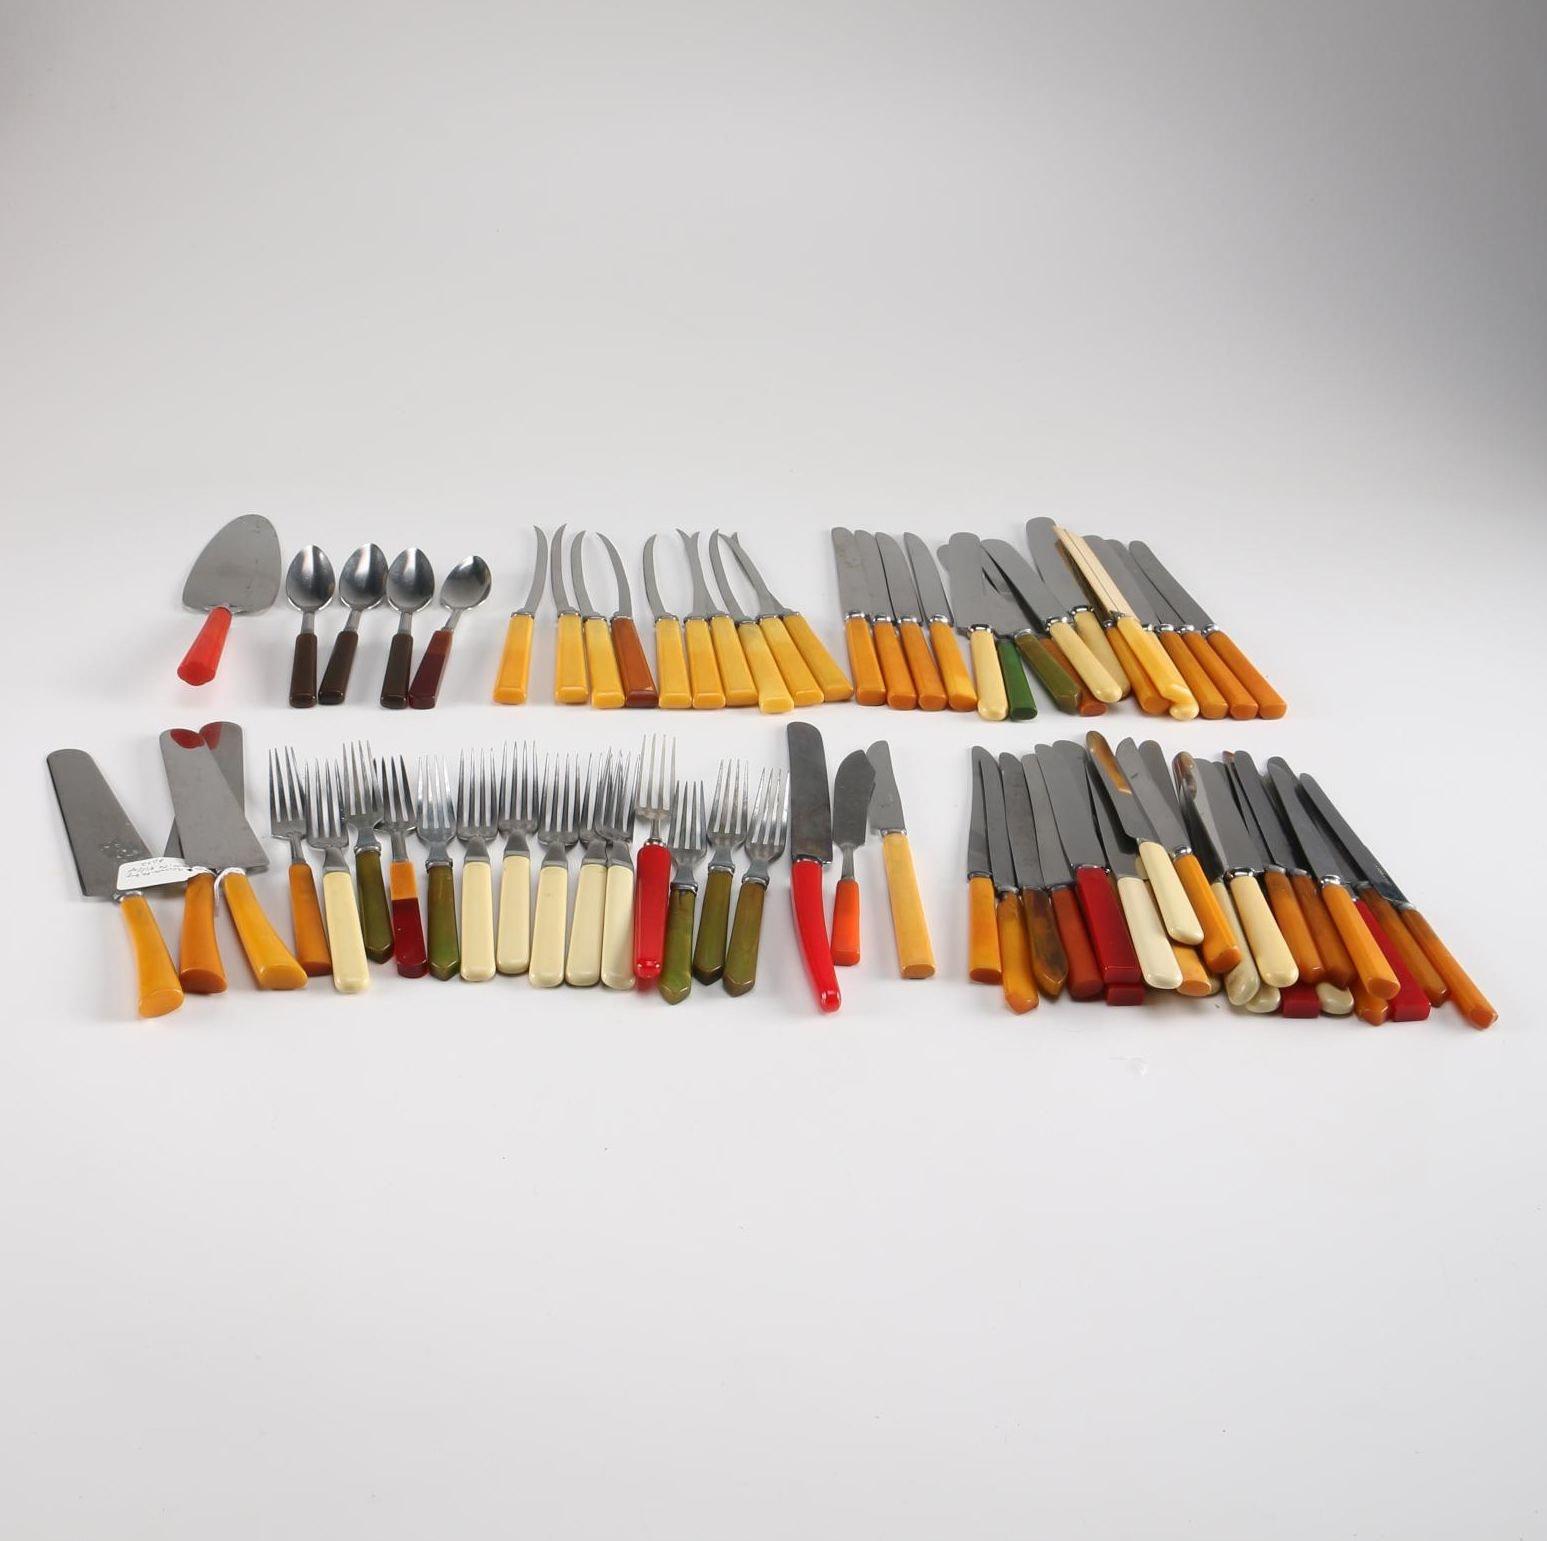 Bakelite Flatware Collection